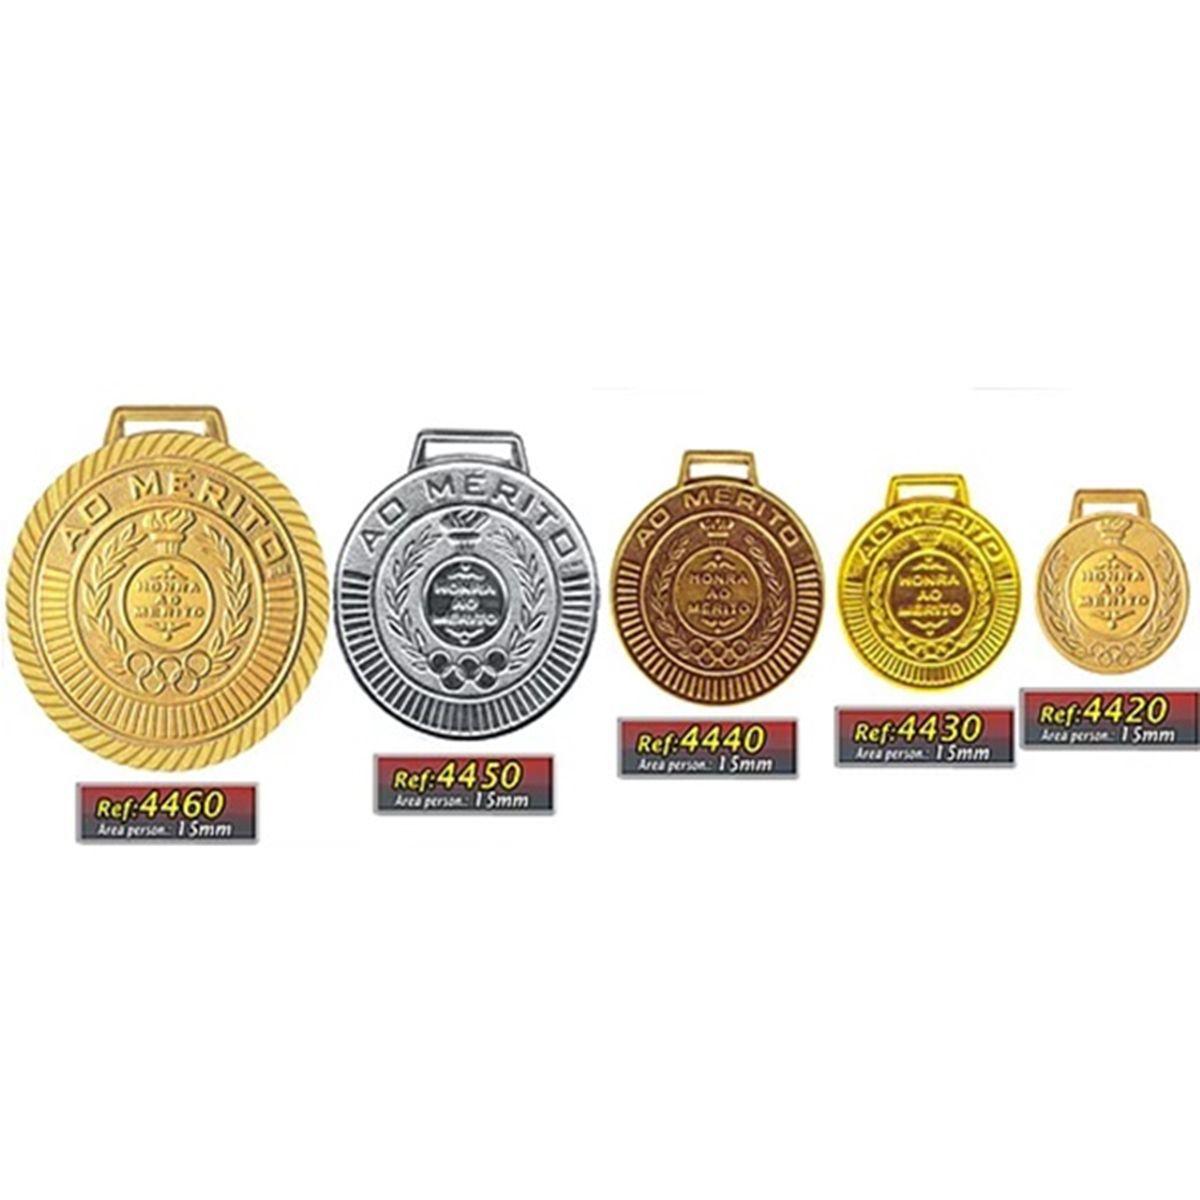 Medalha Rema Honra ao Mérito 60mm com Fita